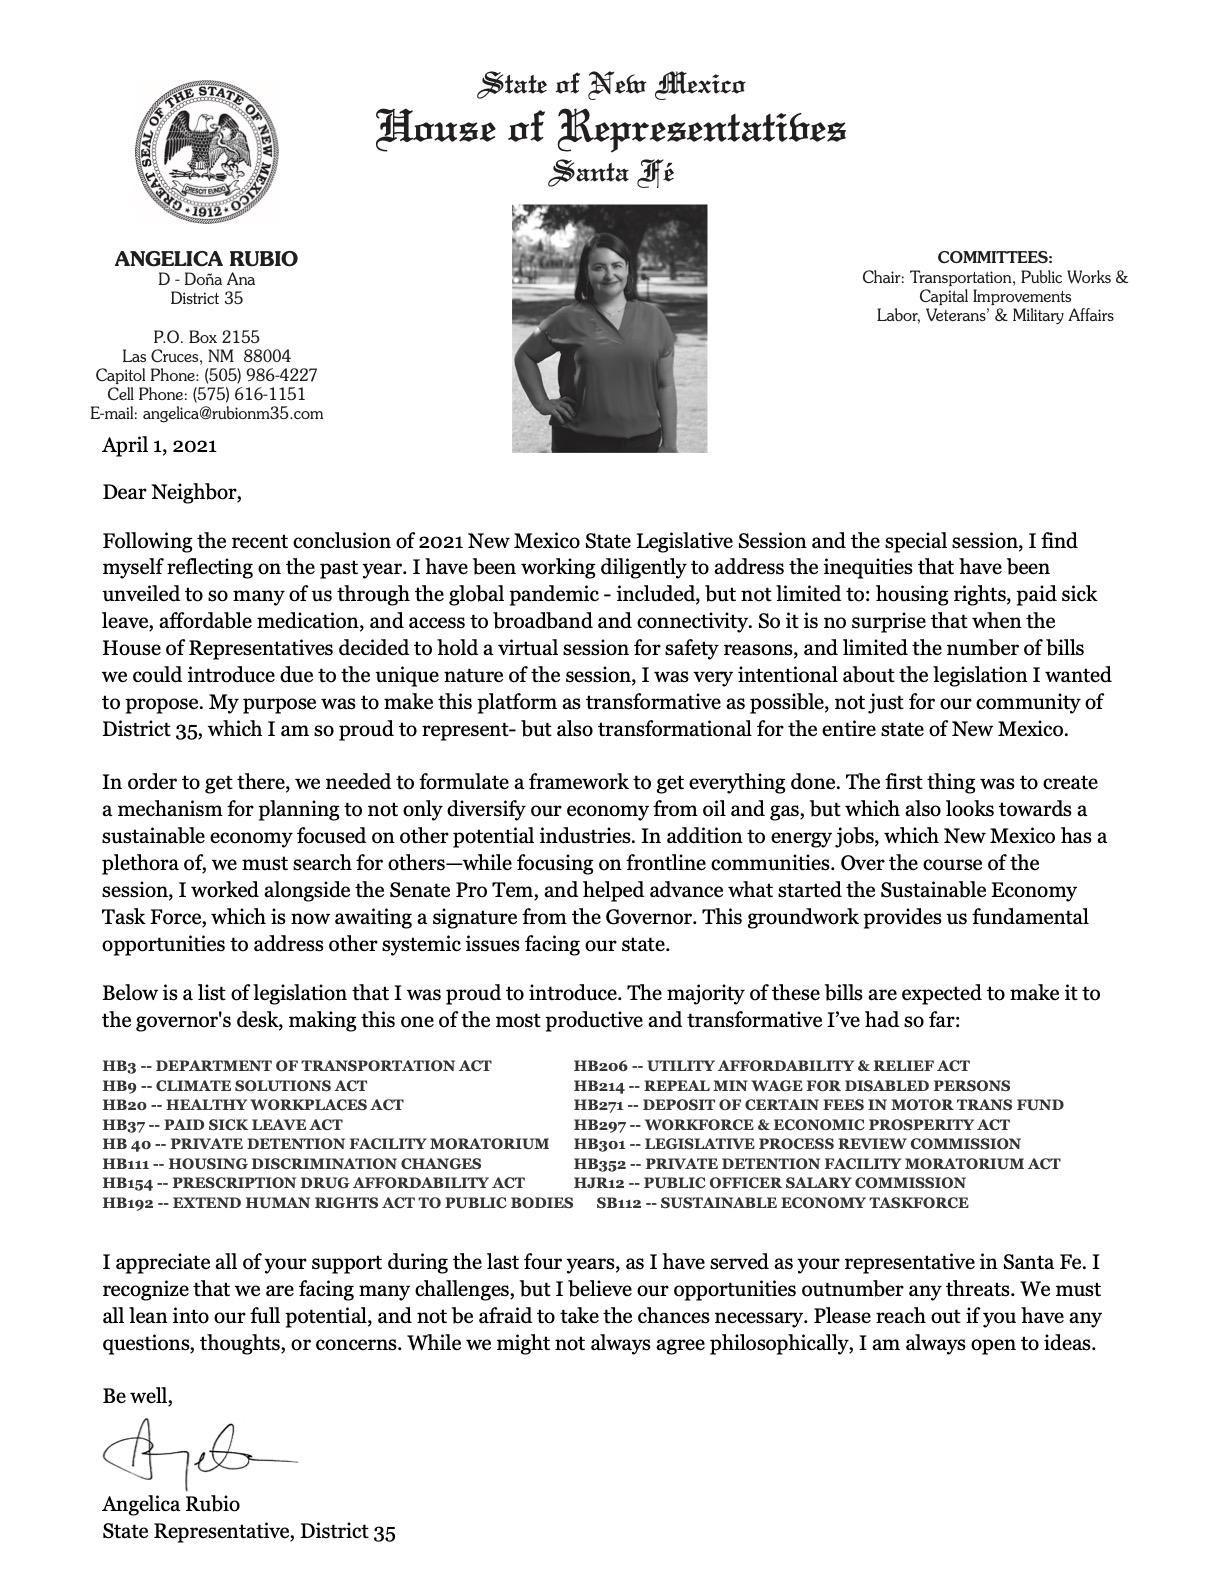 90169_A Rubio_Letter